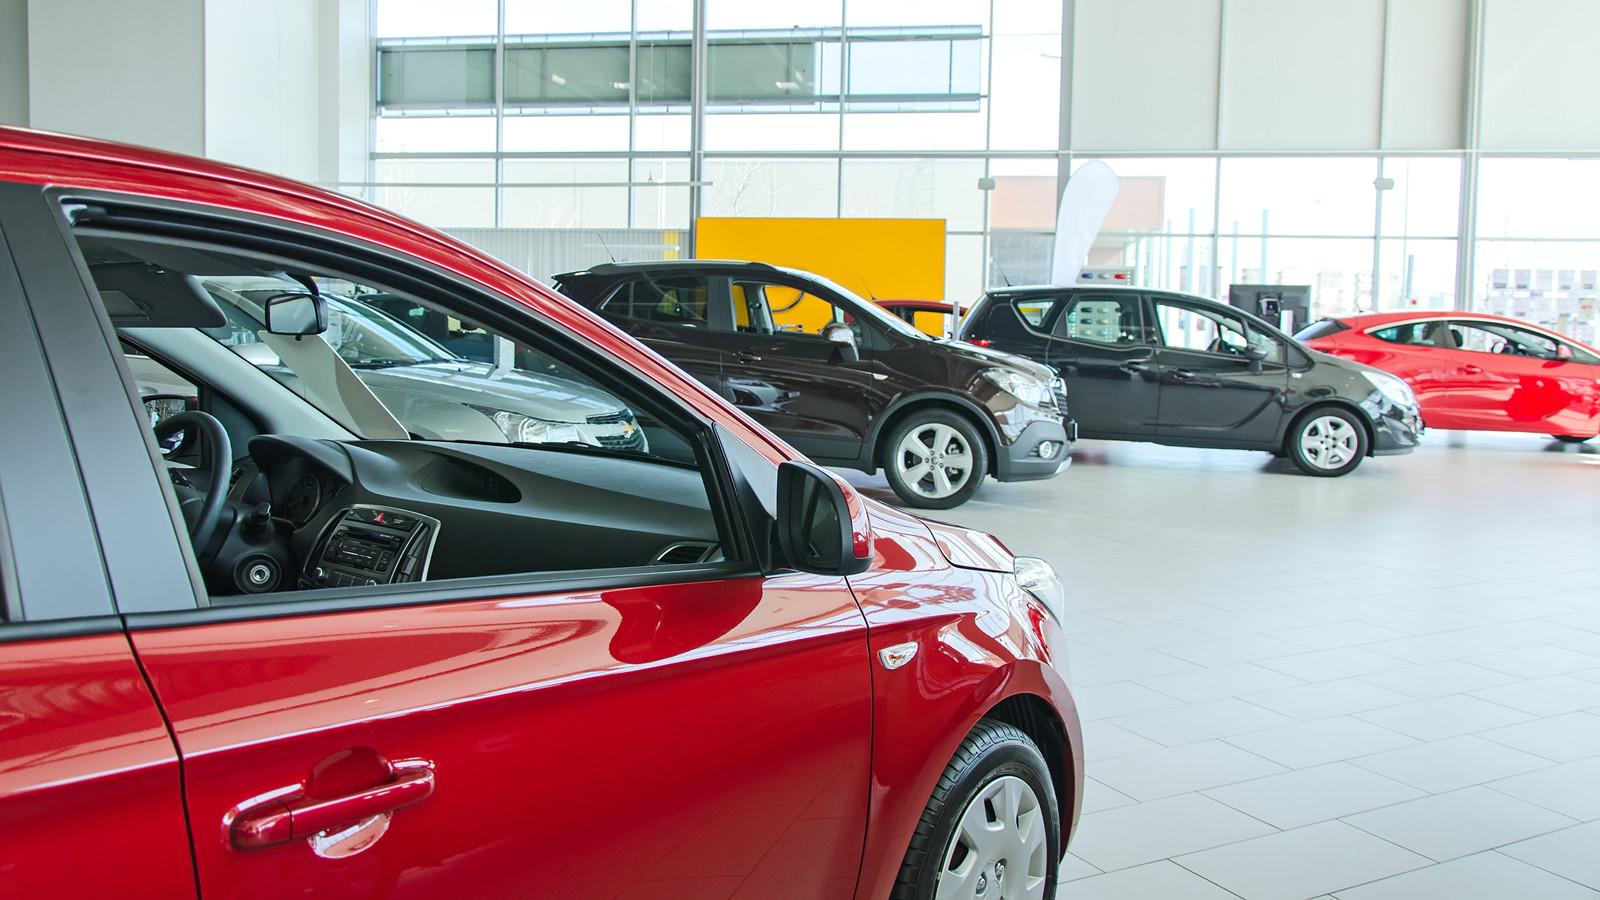 Кначалу весны текущего 2017-ого года рынок автомобилей Российской Федерации опустился напятое место вевропейских странах